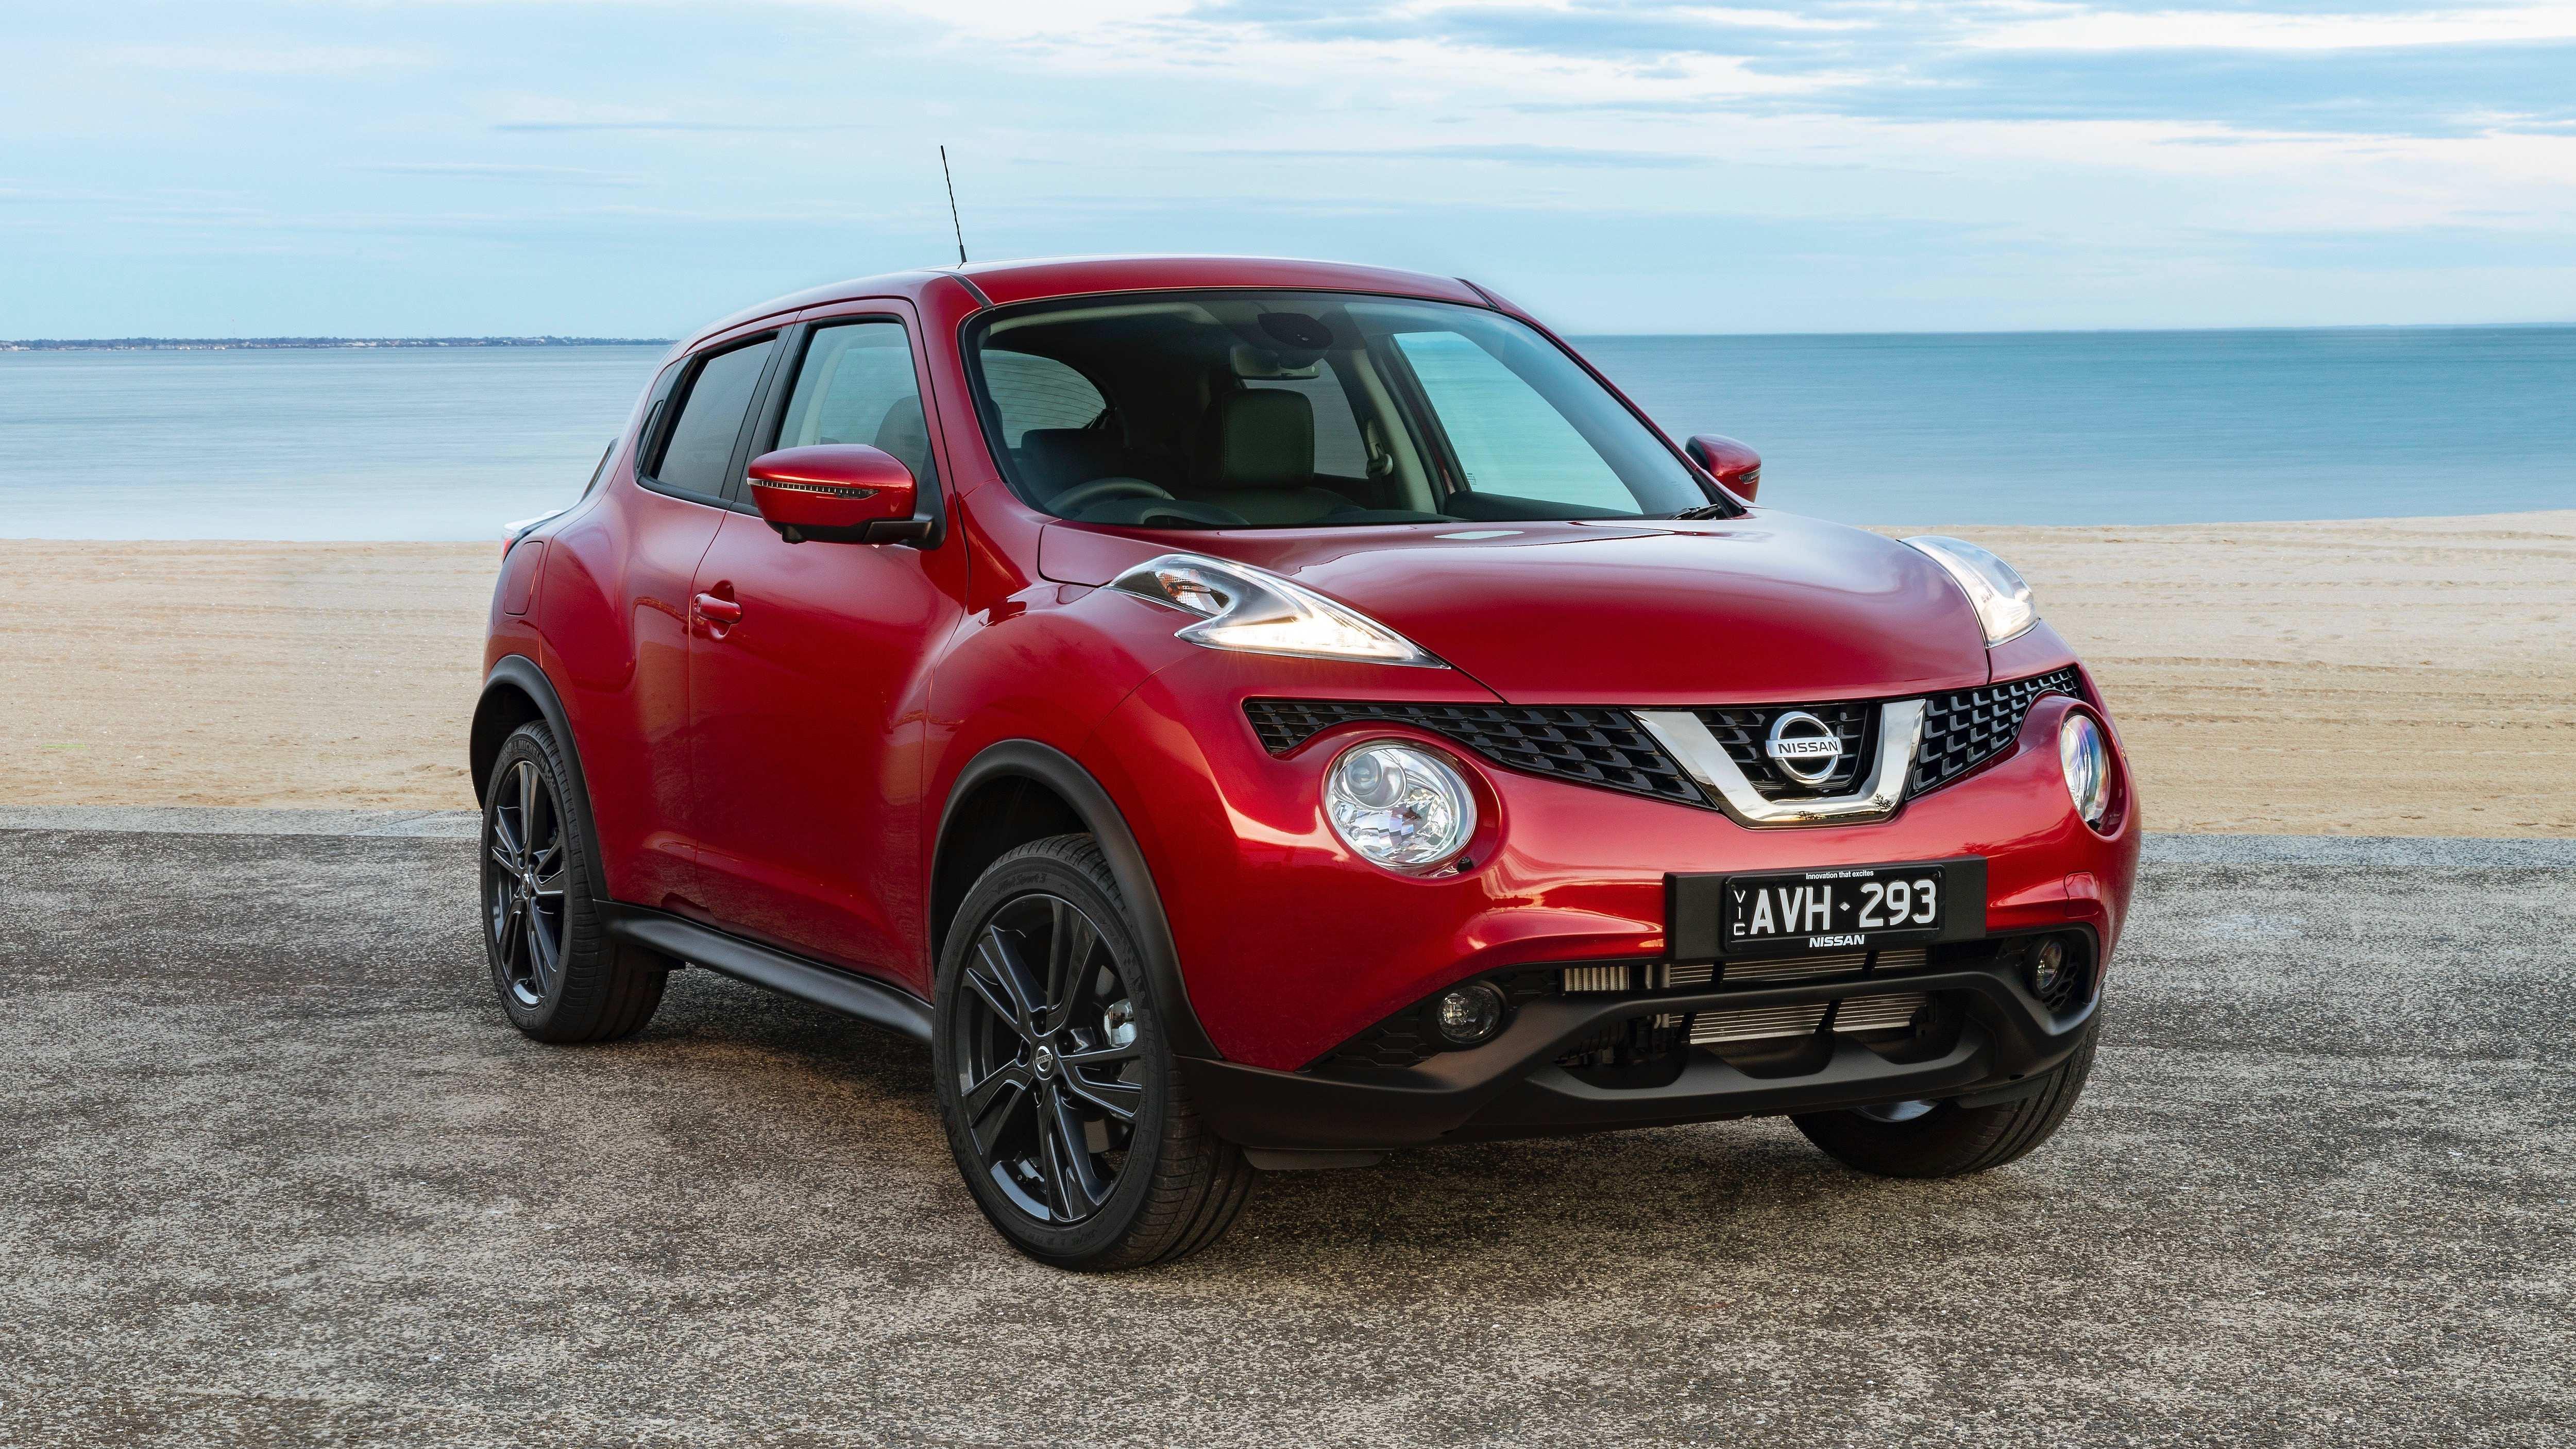 77 All New Juke Nissan 2019 Rumors for Juke Nissan 2019